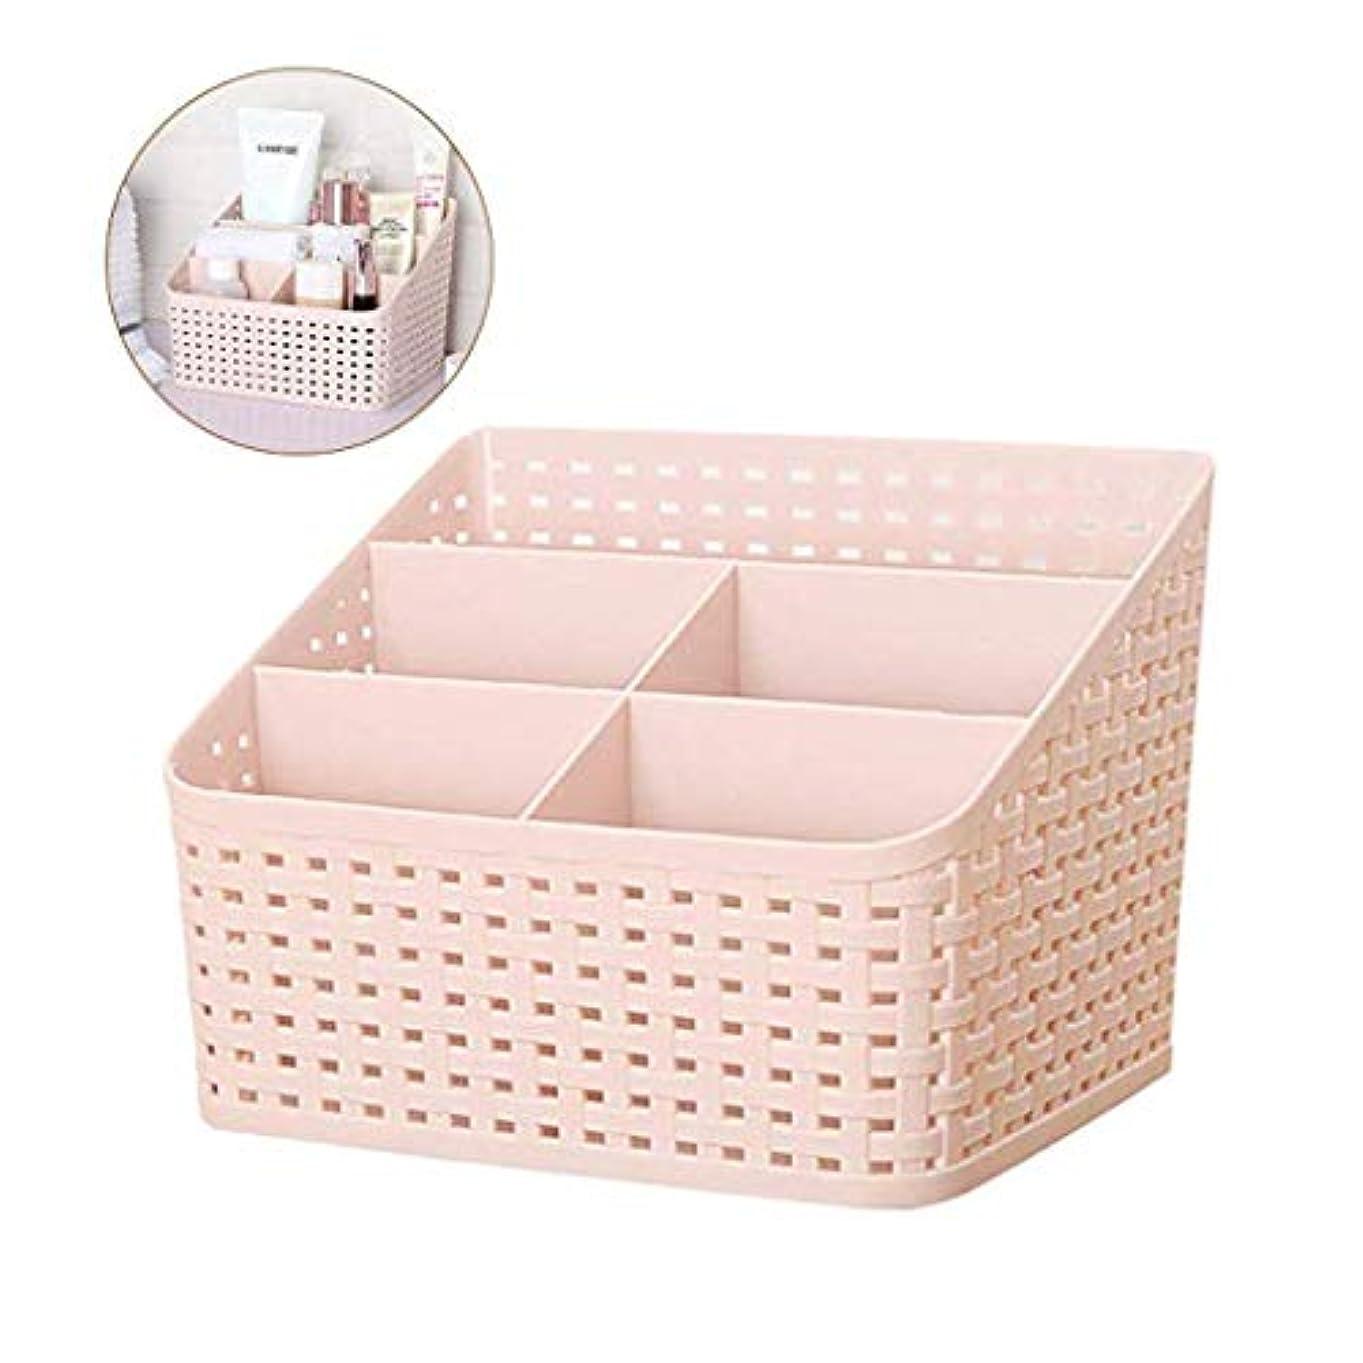 落ち着かない雲課税籐多色化粧品収納ボックス多機能学生ブックデスクトップゴミ選別ボックス (Color : Pink)